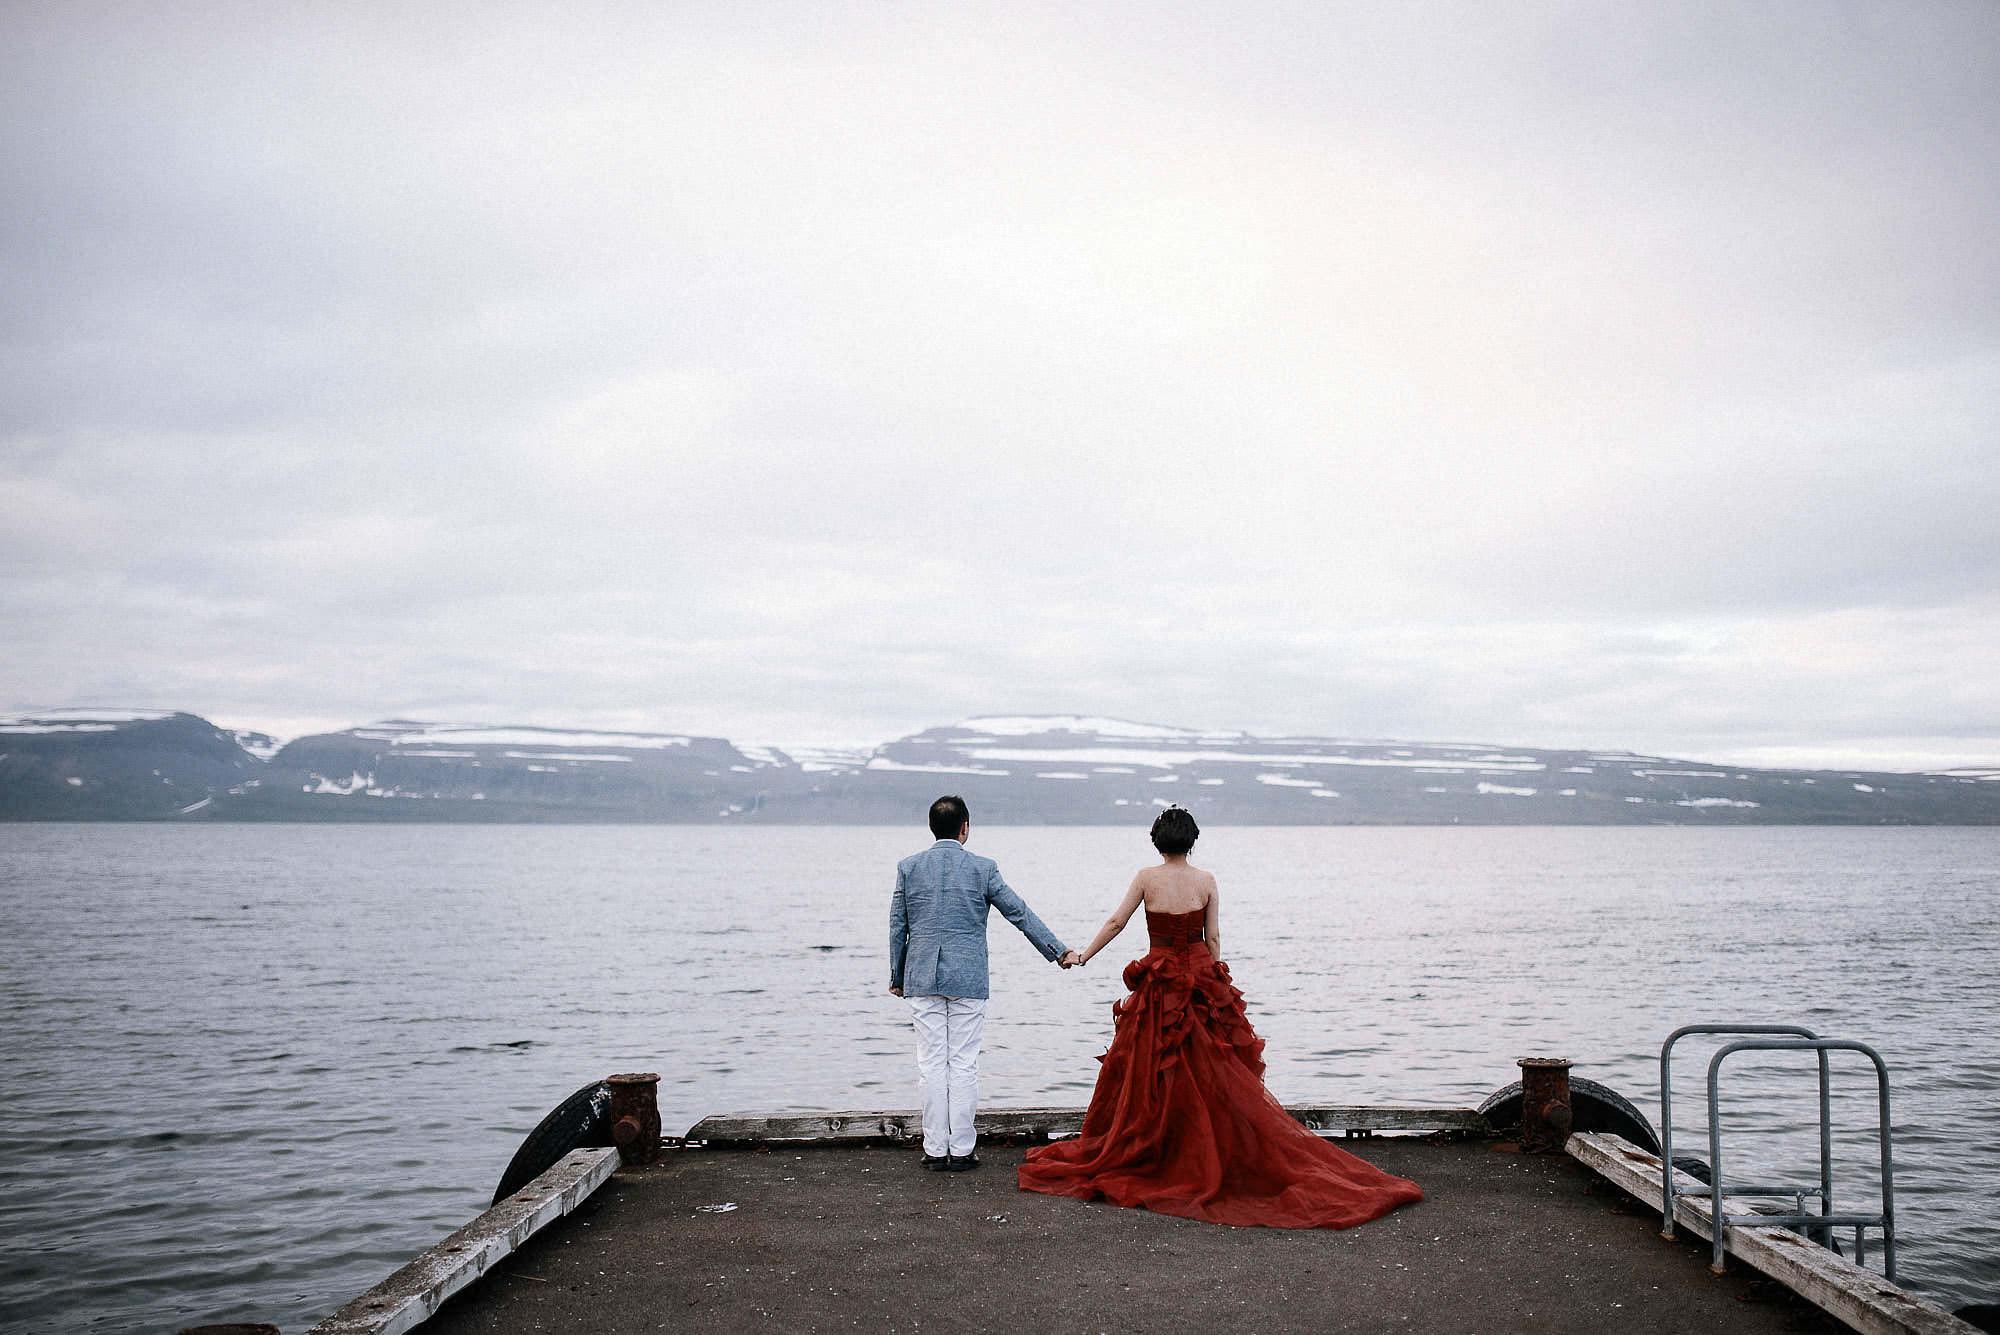 iceland-wedding-photographer_jere-satamo_photography-reykjavik-054.jpg